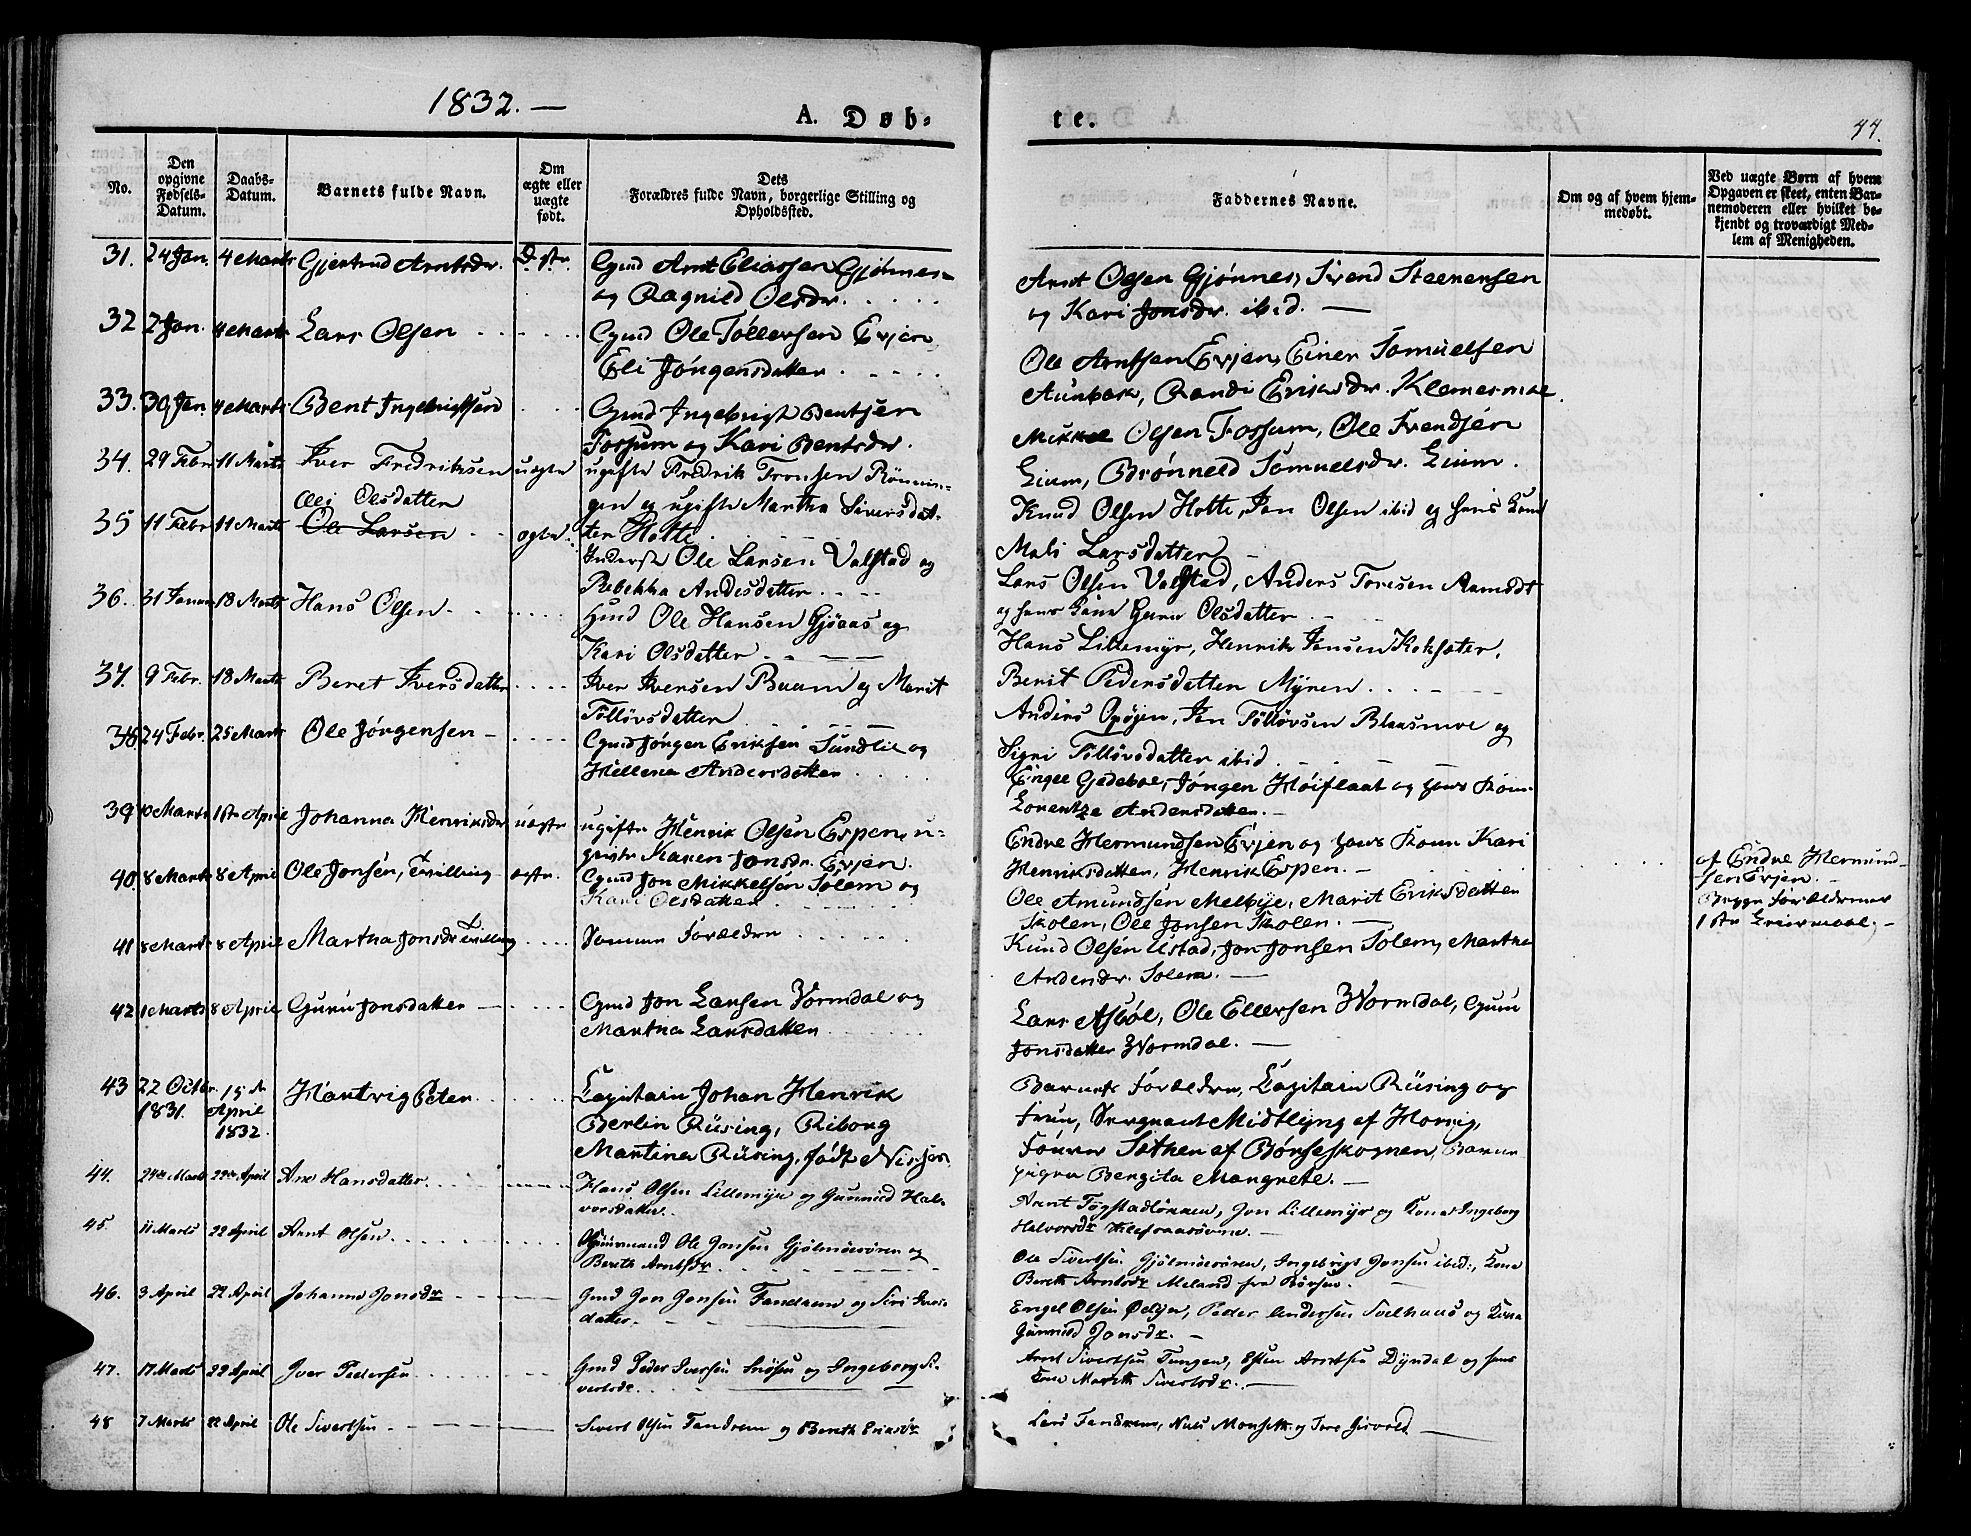 SAT, Ministerialprotokoller, klokkerbøker og fødselsregistre - Sør-Trøndelag, 668/L0804: Ministerialbok nr. 668A04, 1826-1839, s. 44